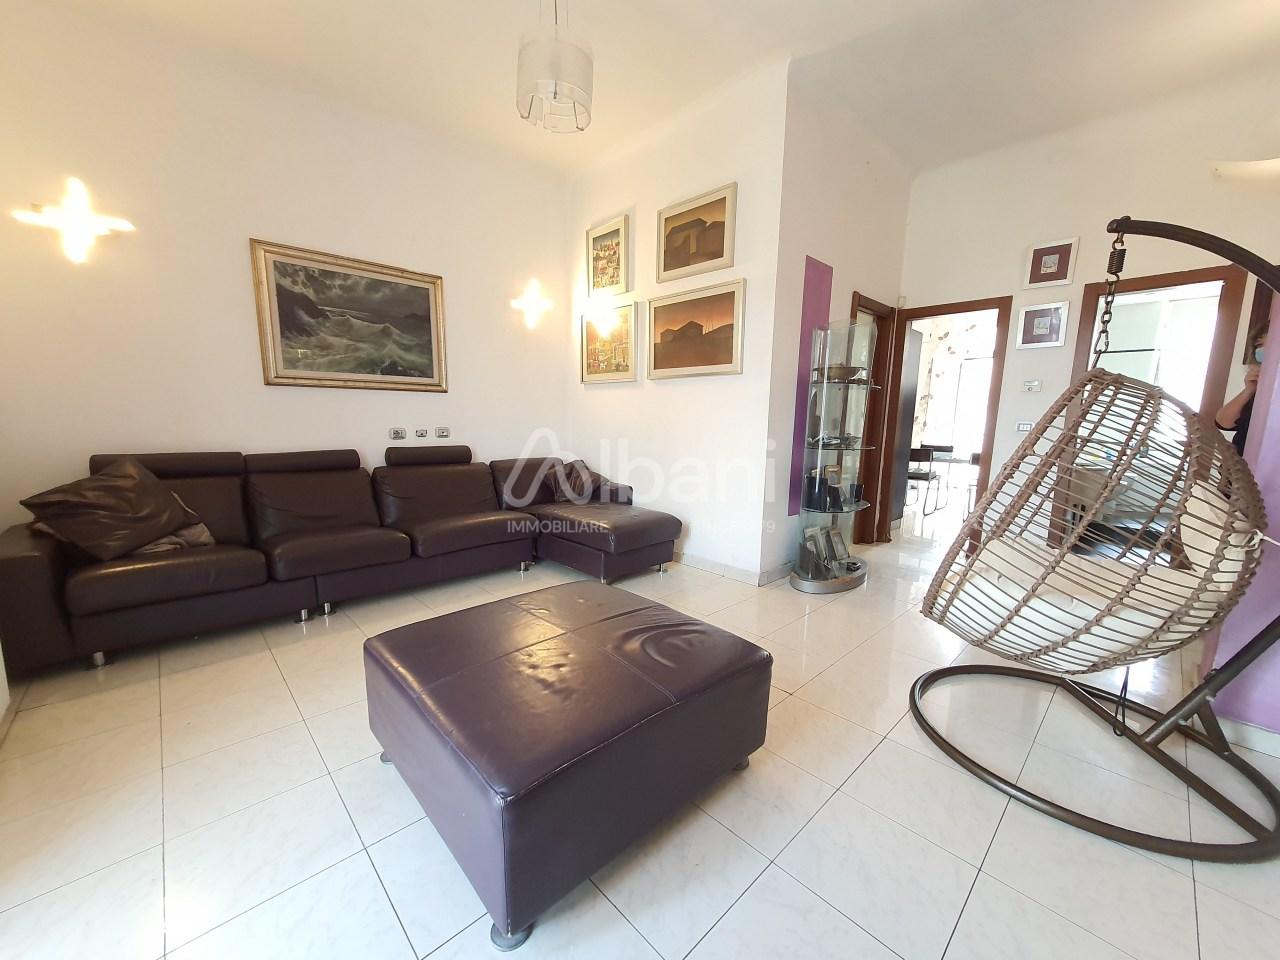 Appartamento in vendita a La Spezia, 6 locali, prezzo € 280.000 | PortaleAgenzieImmobiliari.it